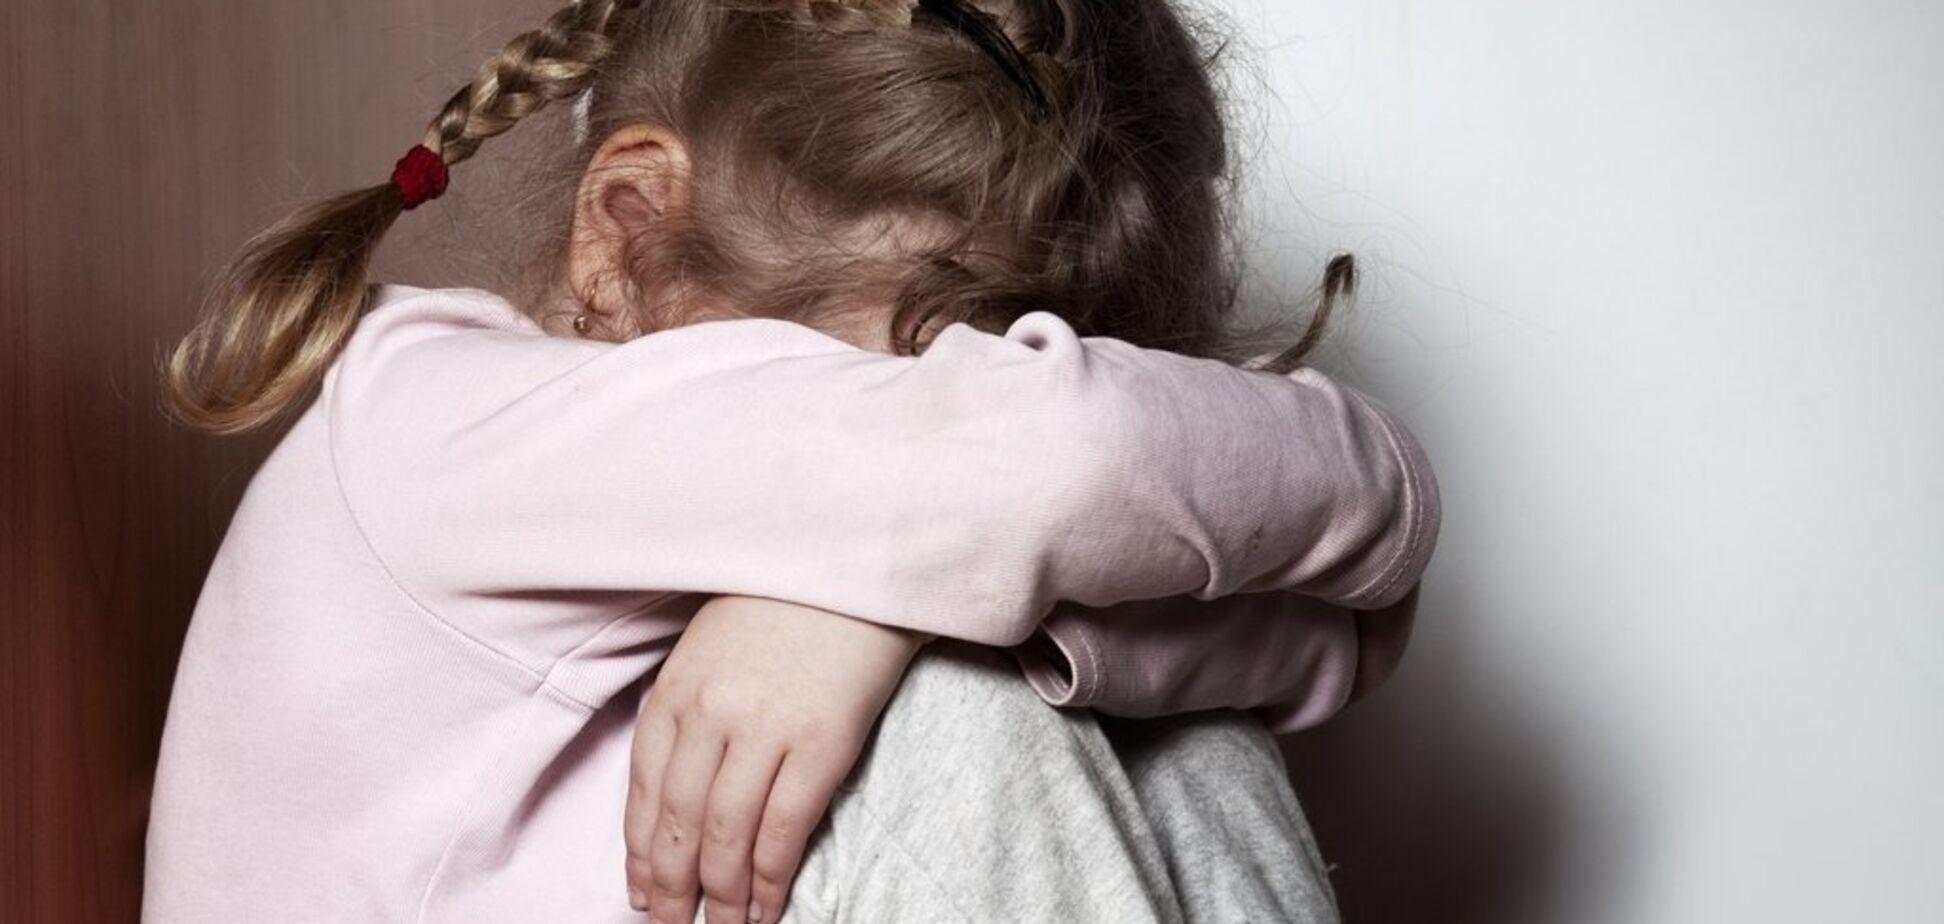 Под Запорожьем зверски изнасиловали 6-летнего ребенка